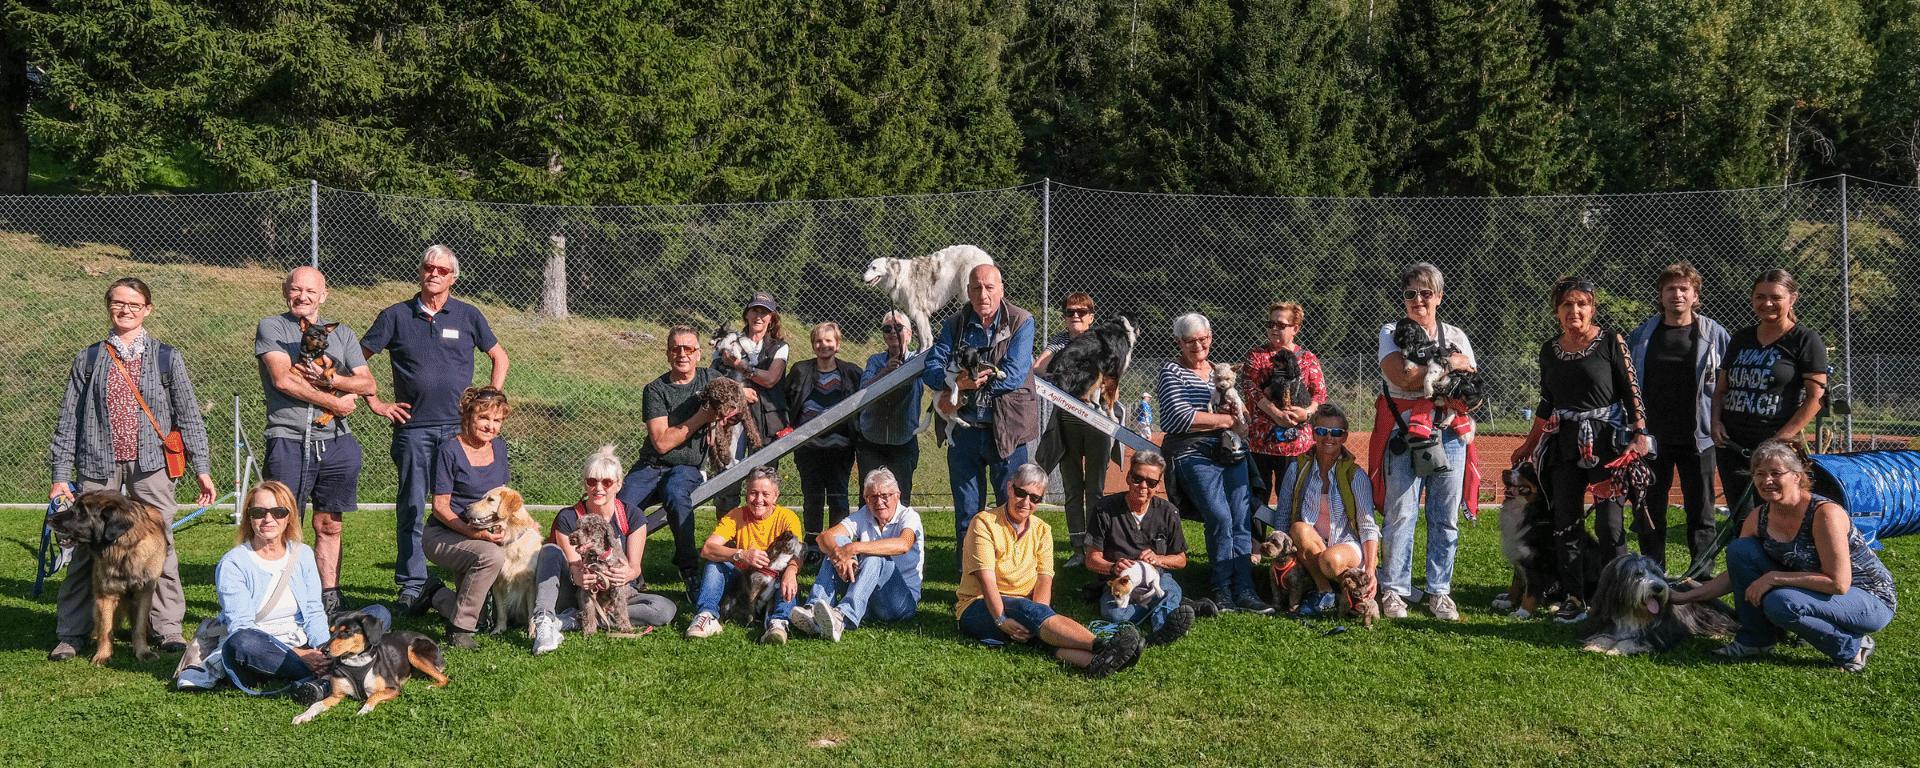 Hundereise in Distentis Gruppenbild